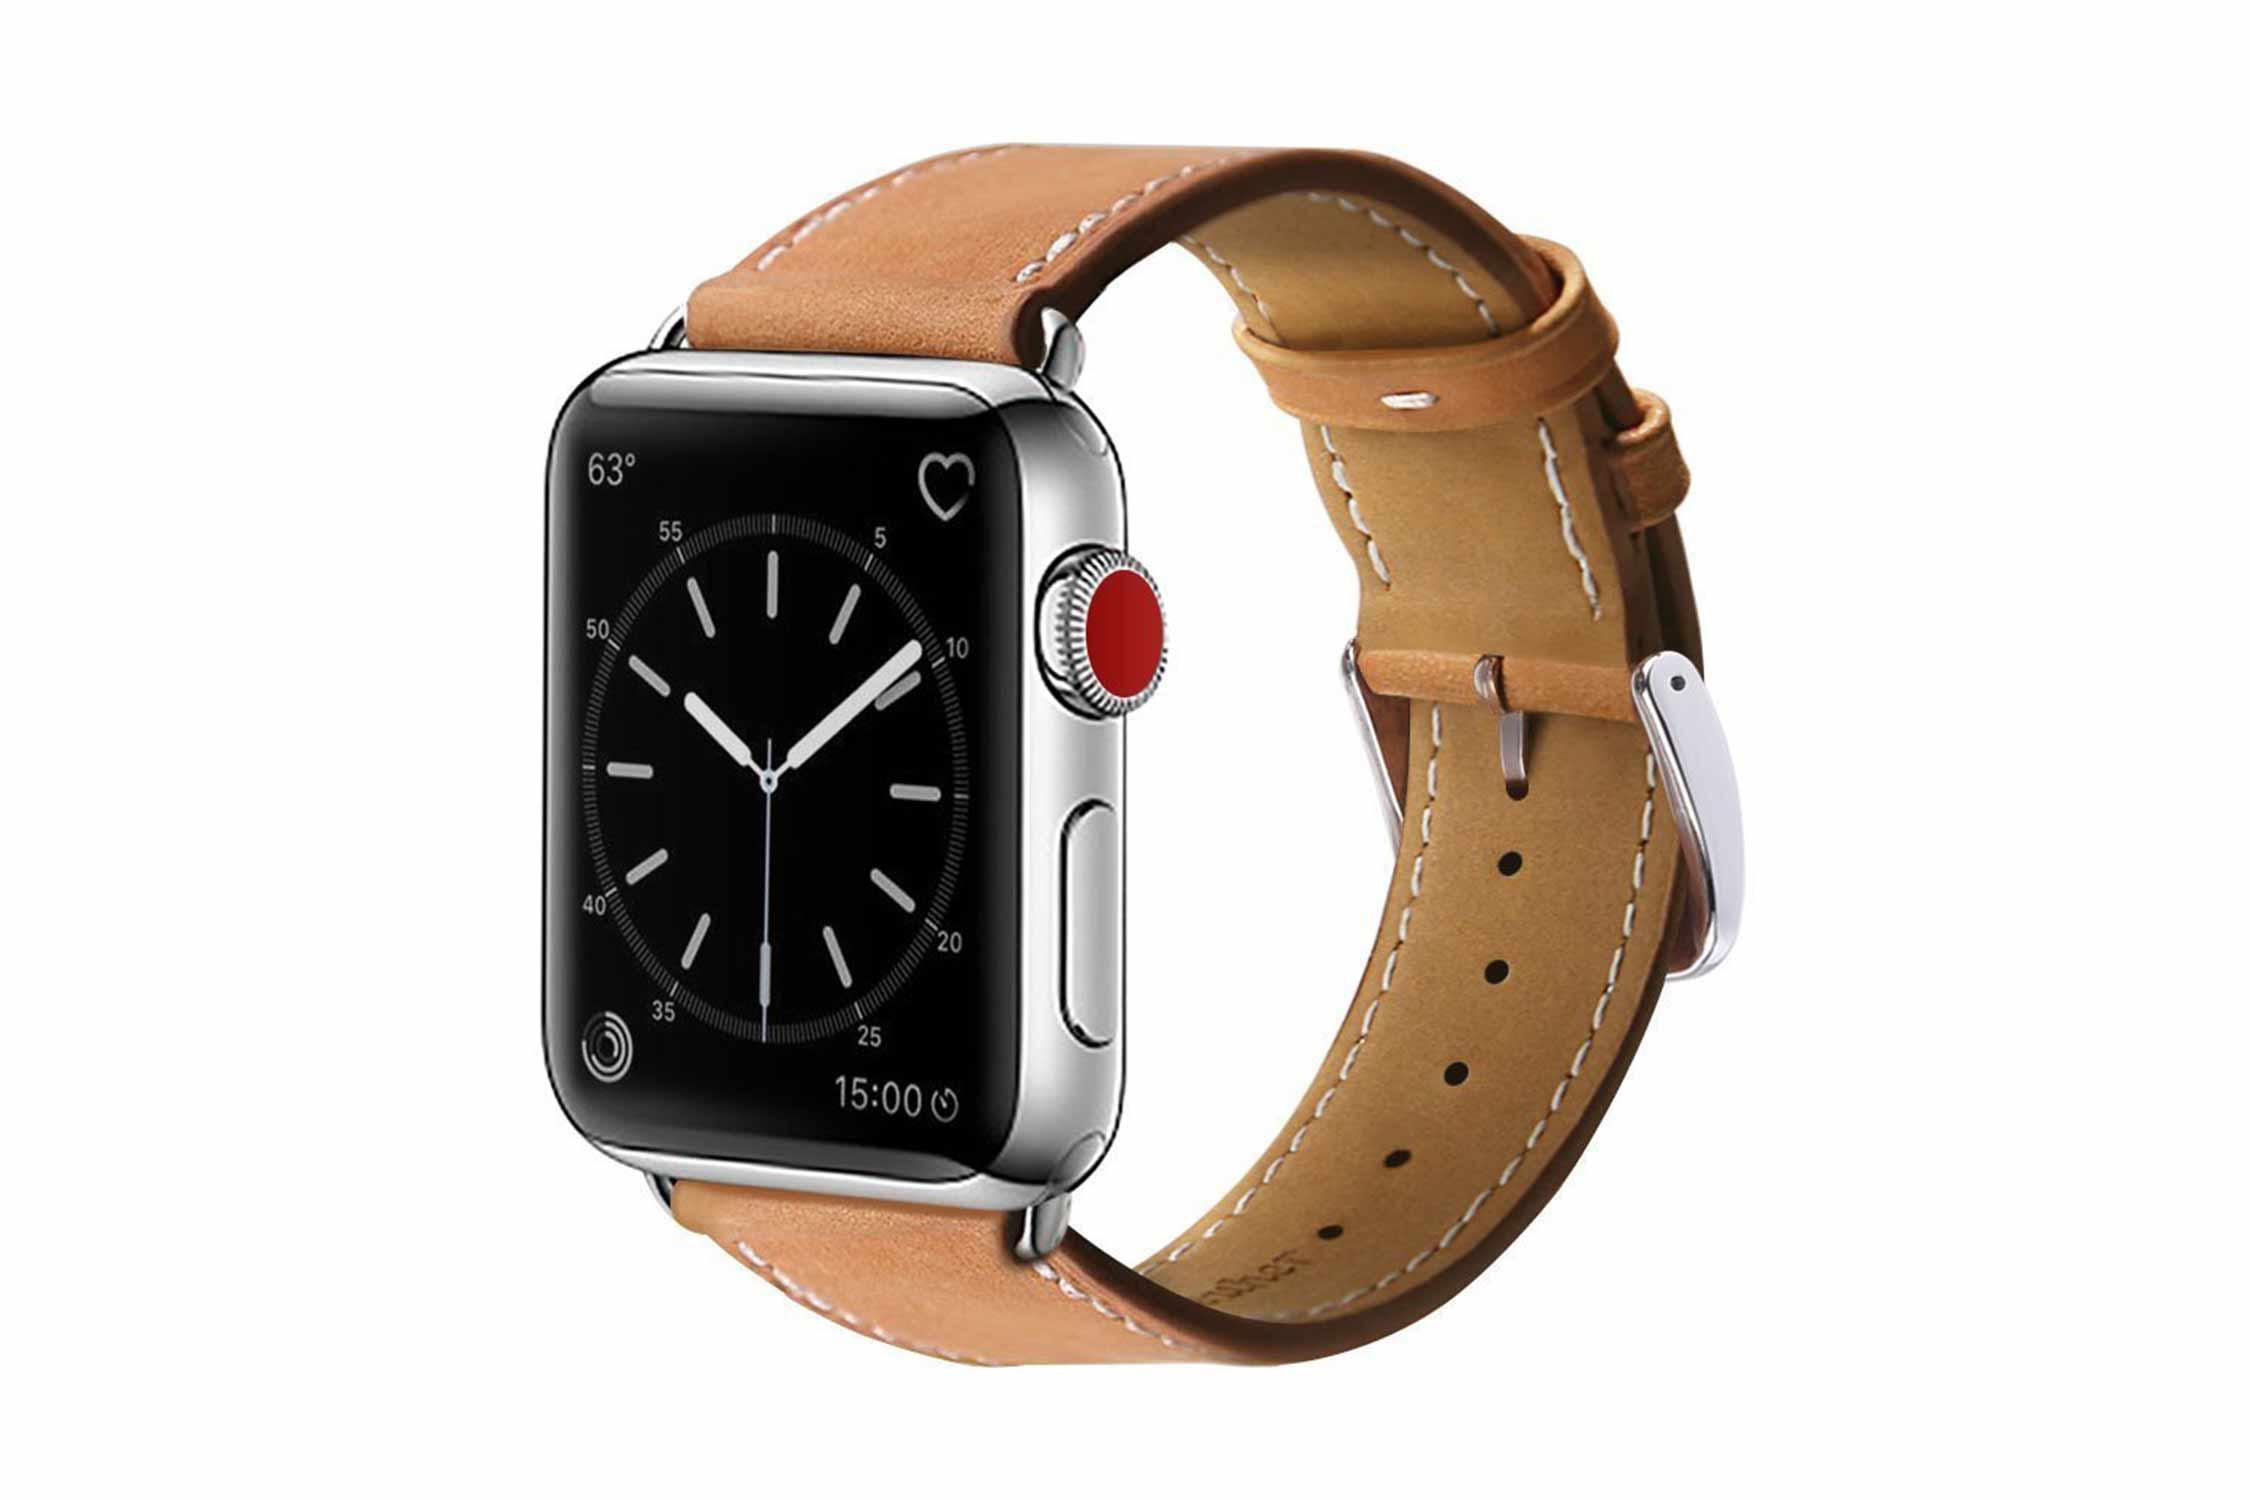 BRG コンパチブル apple watch バンド,本革 ビジネススタイル